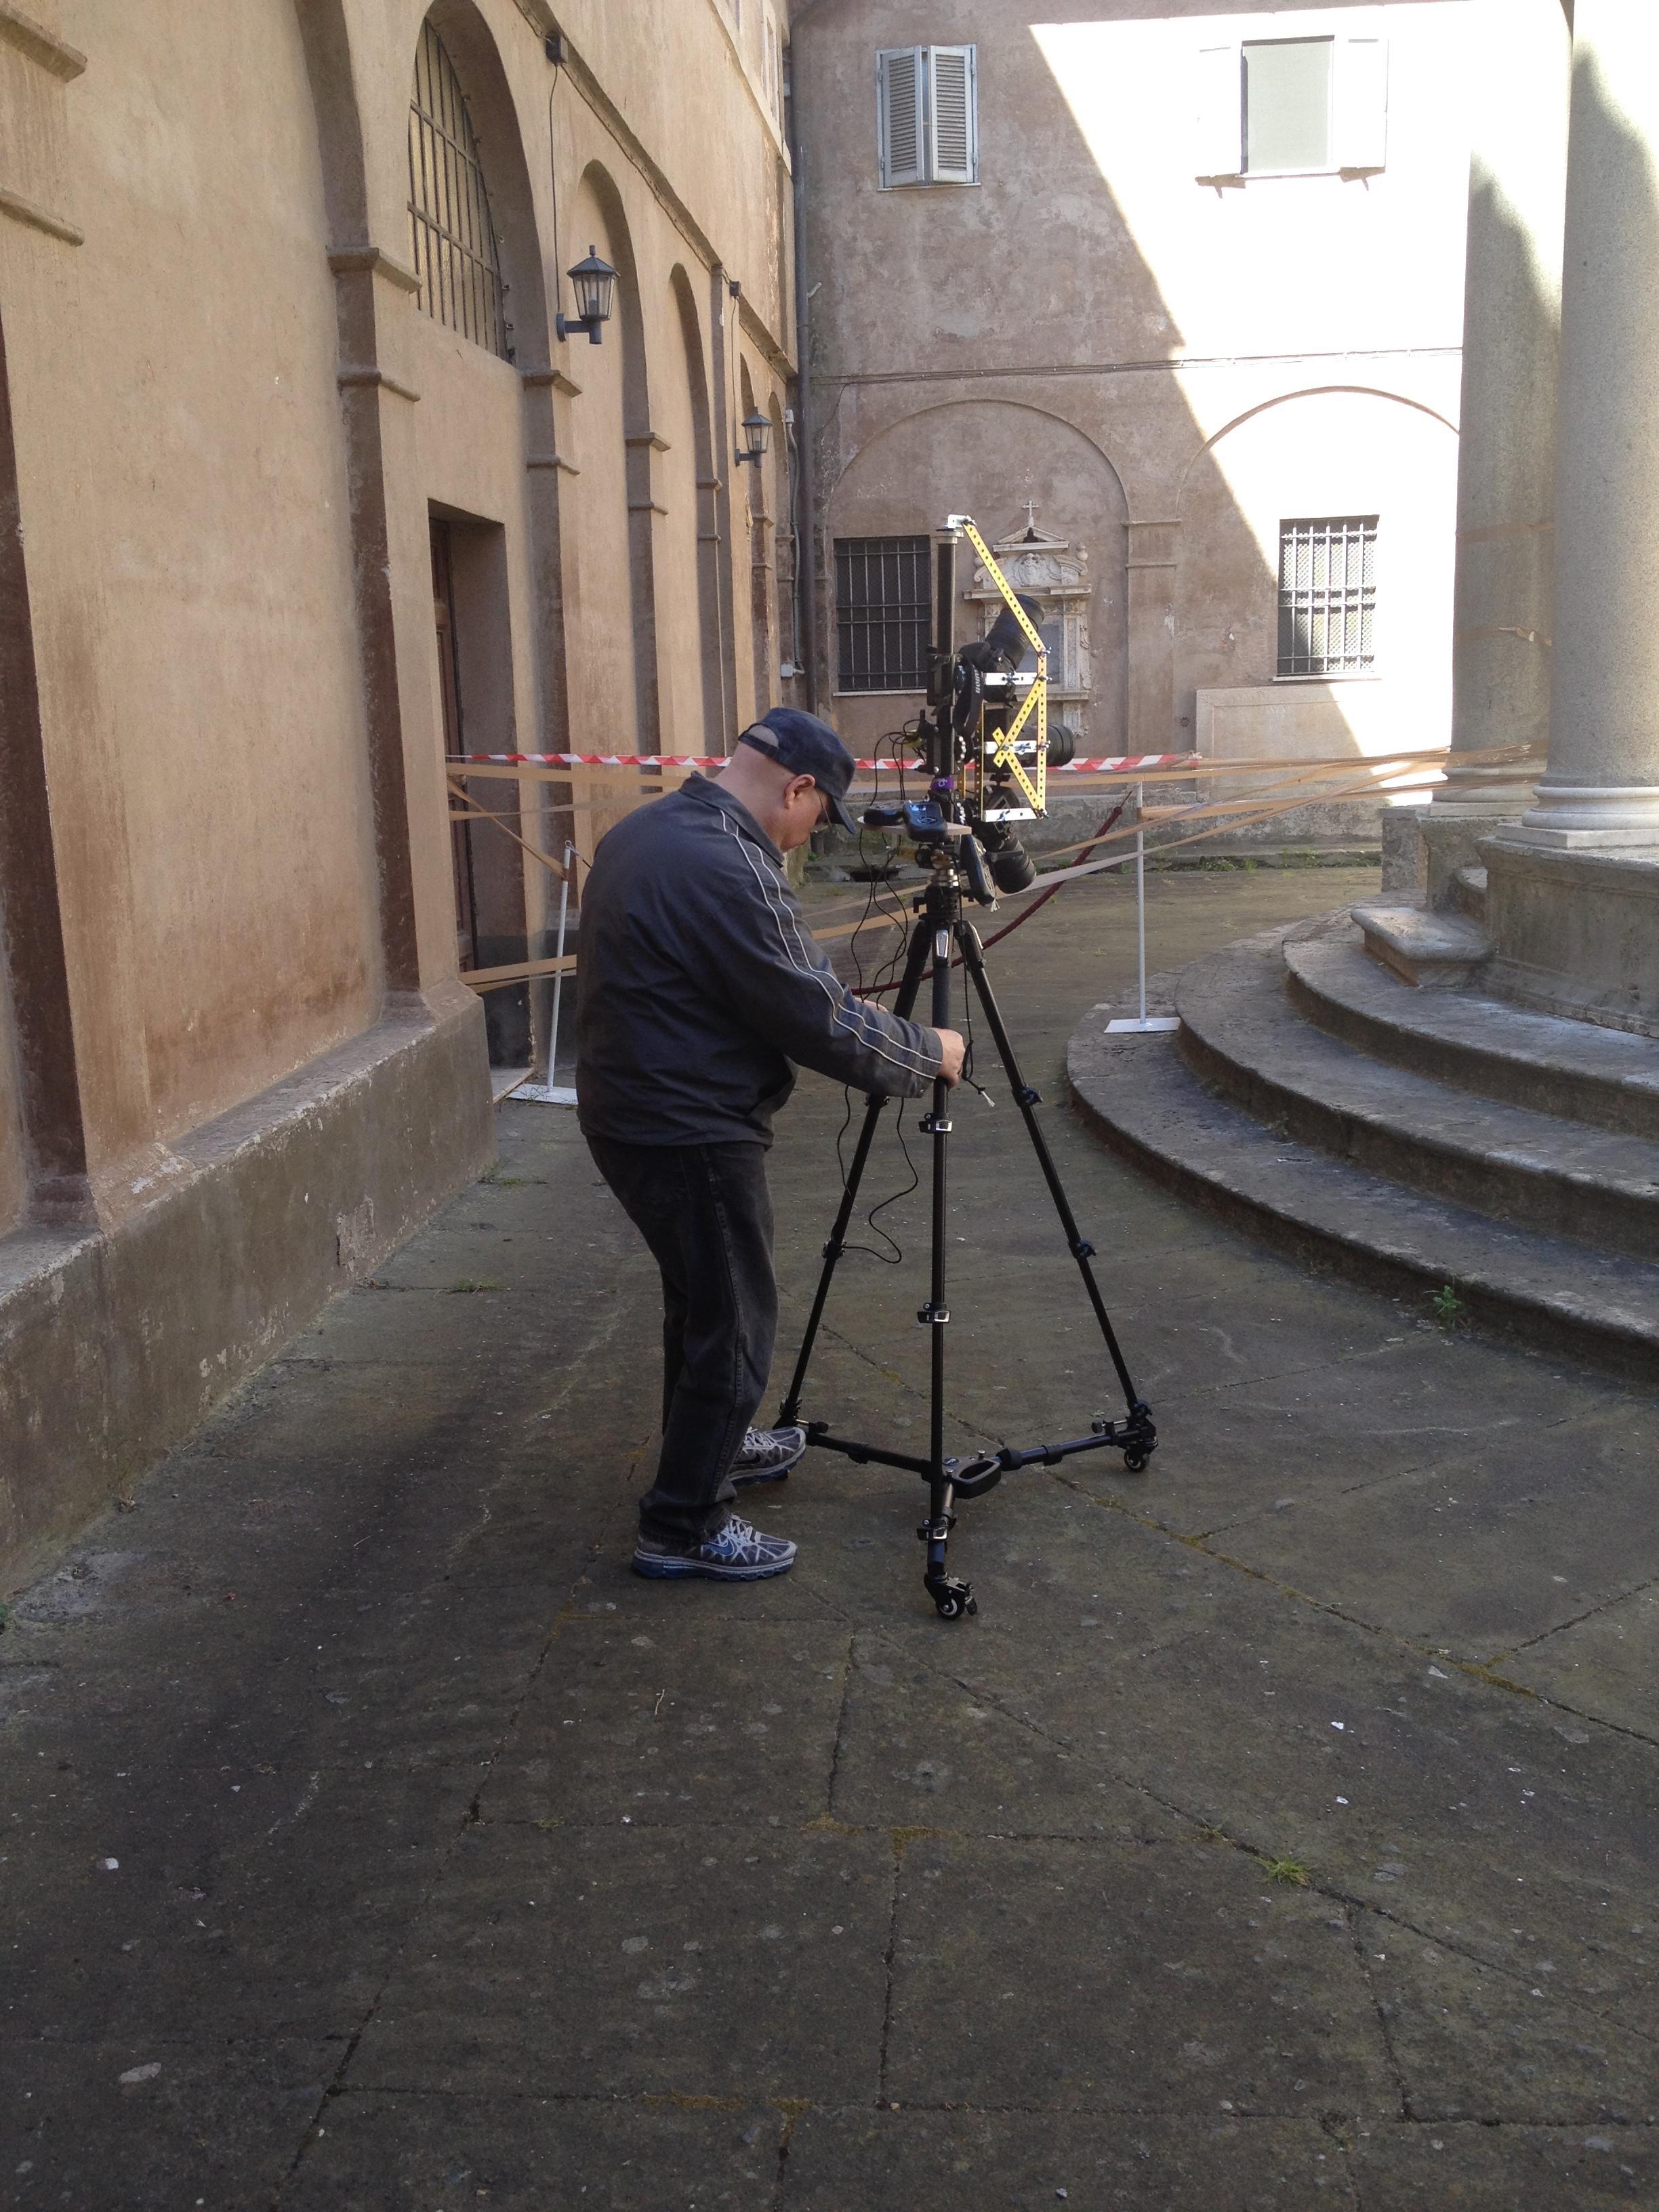 Tempietto_Bramante_fotocamere_Sperimentali-2JPG